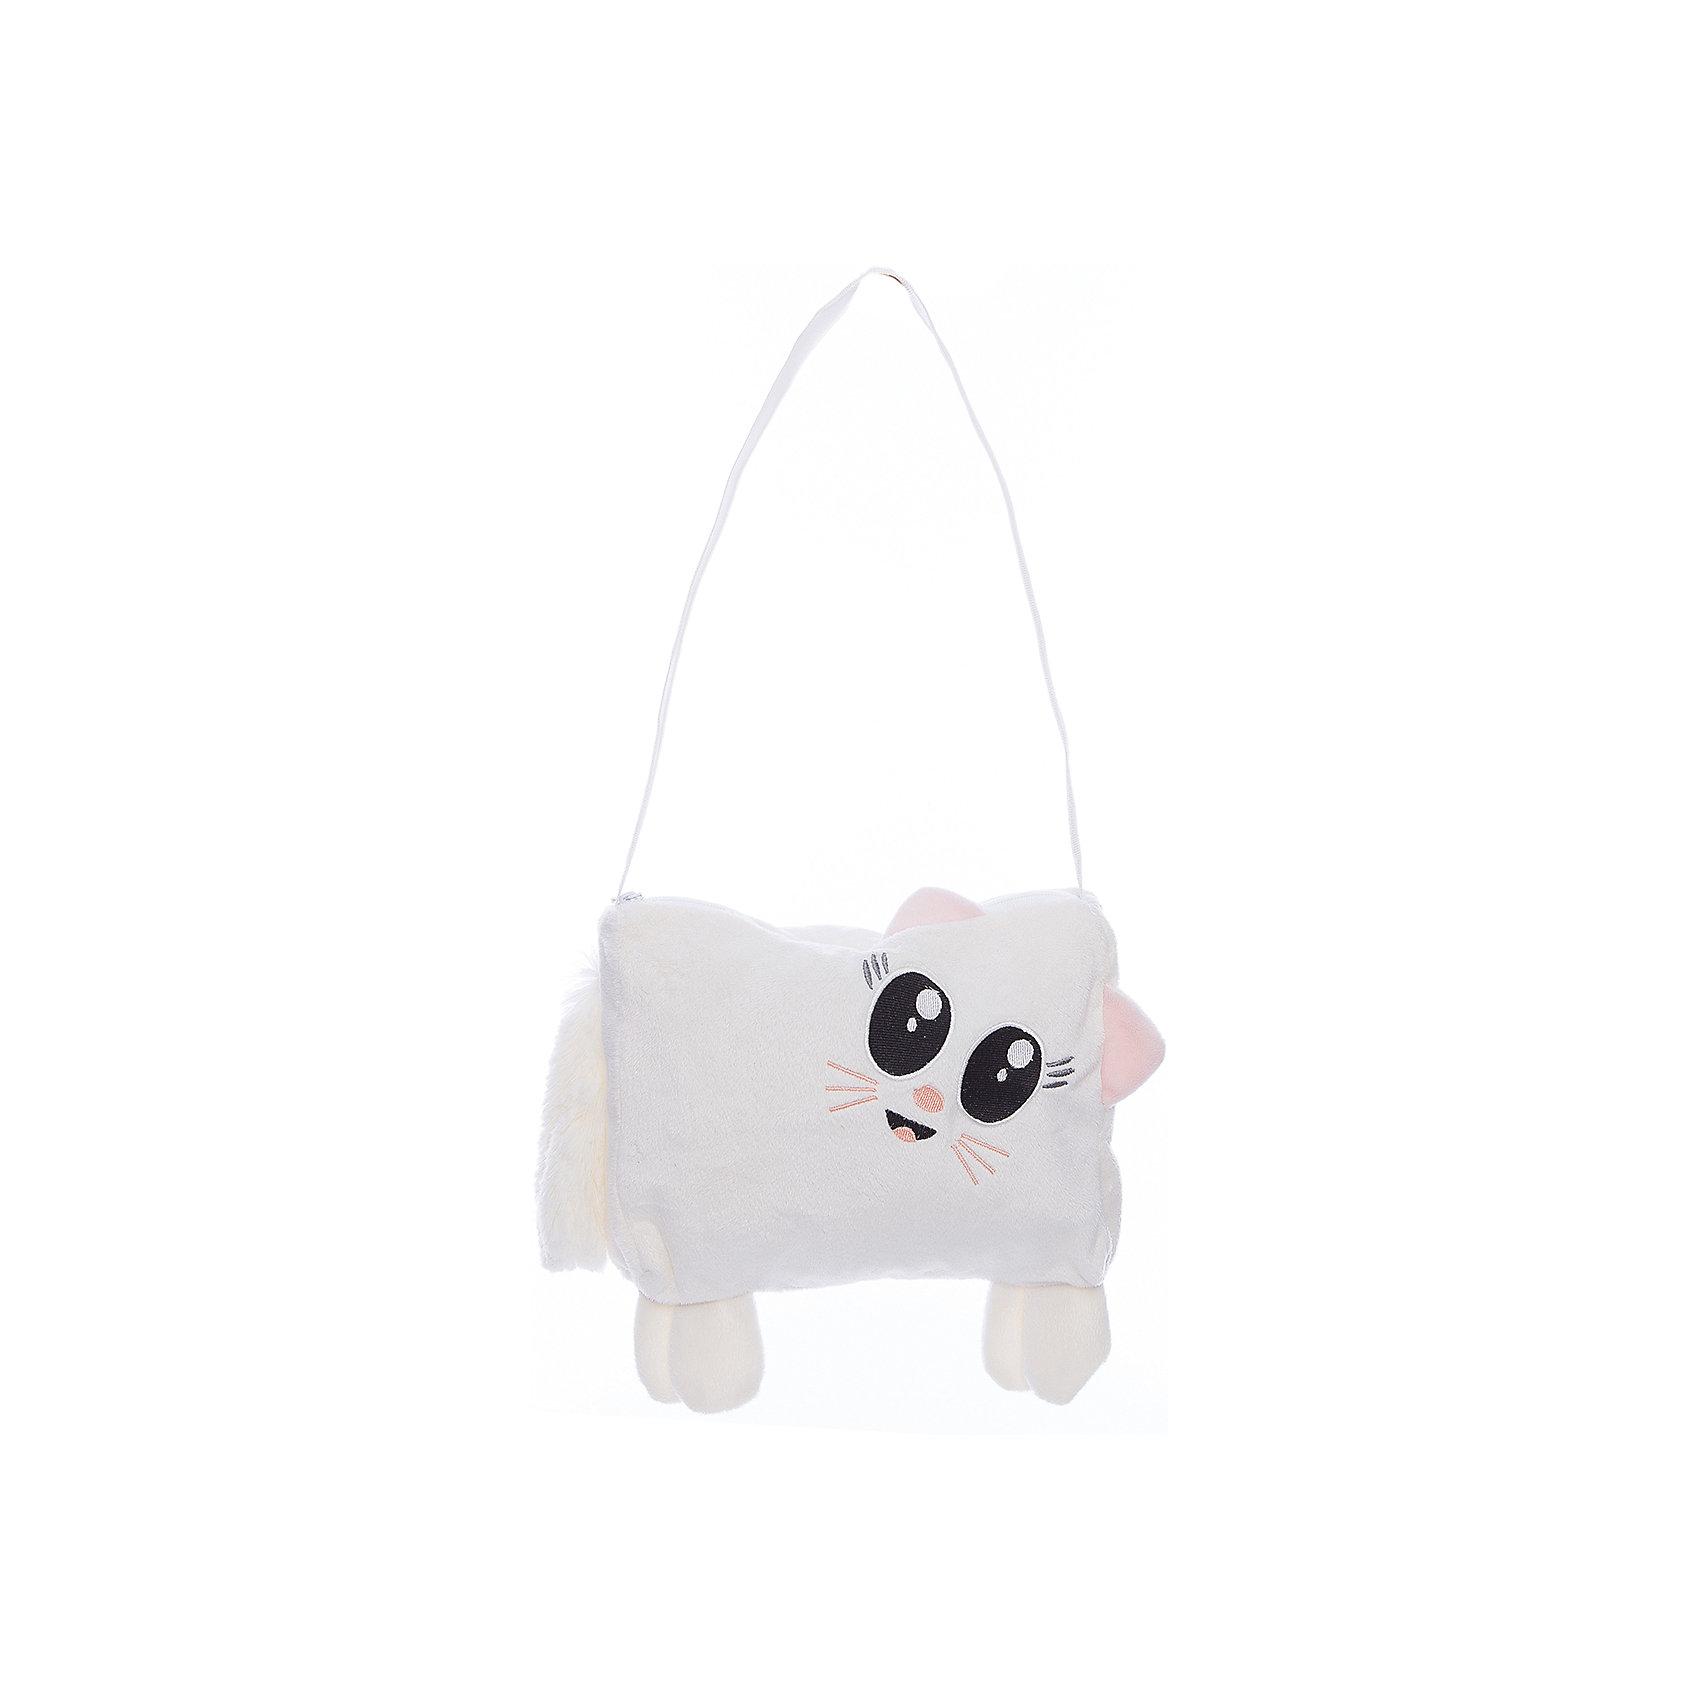 Сумочка детская КошкаДетские сумки<br>Сумочка детская Кошка, Fancy.<br><br>Характеристика:<br><br>• Материал: текстиль.    <br>• Размер: 25х20 см.<br>• Длинный плечевой ремень. <br>• Тип застежки: молния. <br>• Количество отделений: 1<br>• Мягкий, приятный на ощупь материал. <br>• Оригинальный дизайн. <br><br>Сумочка в виде очаровательной кошки с пушистым хвостом и большими глазами приведет в восторг каждую девочку! Сумка закрывается на пластиковую застёжку-молнию, имеет удобный длинный плечевой ремешок. Аксессуар выполнен из мягкого приятного на ощупь материала. <br>Прекрасный подарок для вашей юной модницы!<br><br>Сумочку детскую Кошка, Fancy, можно купить в нашем интернет-магазине.<br><br>Ширина мм: 250<br>Глубина мм: 230<br>Высота мм: 30<br>Вес г: 86<br>Возраст от месяцев: 36<br>Возраст до месяцев: 84<br>Пол: Женский<br>Возраст: Детский<br>SKU: 5016503